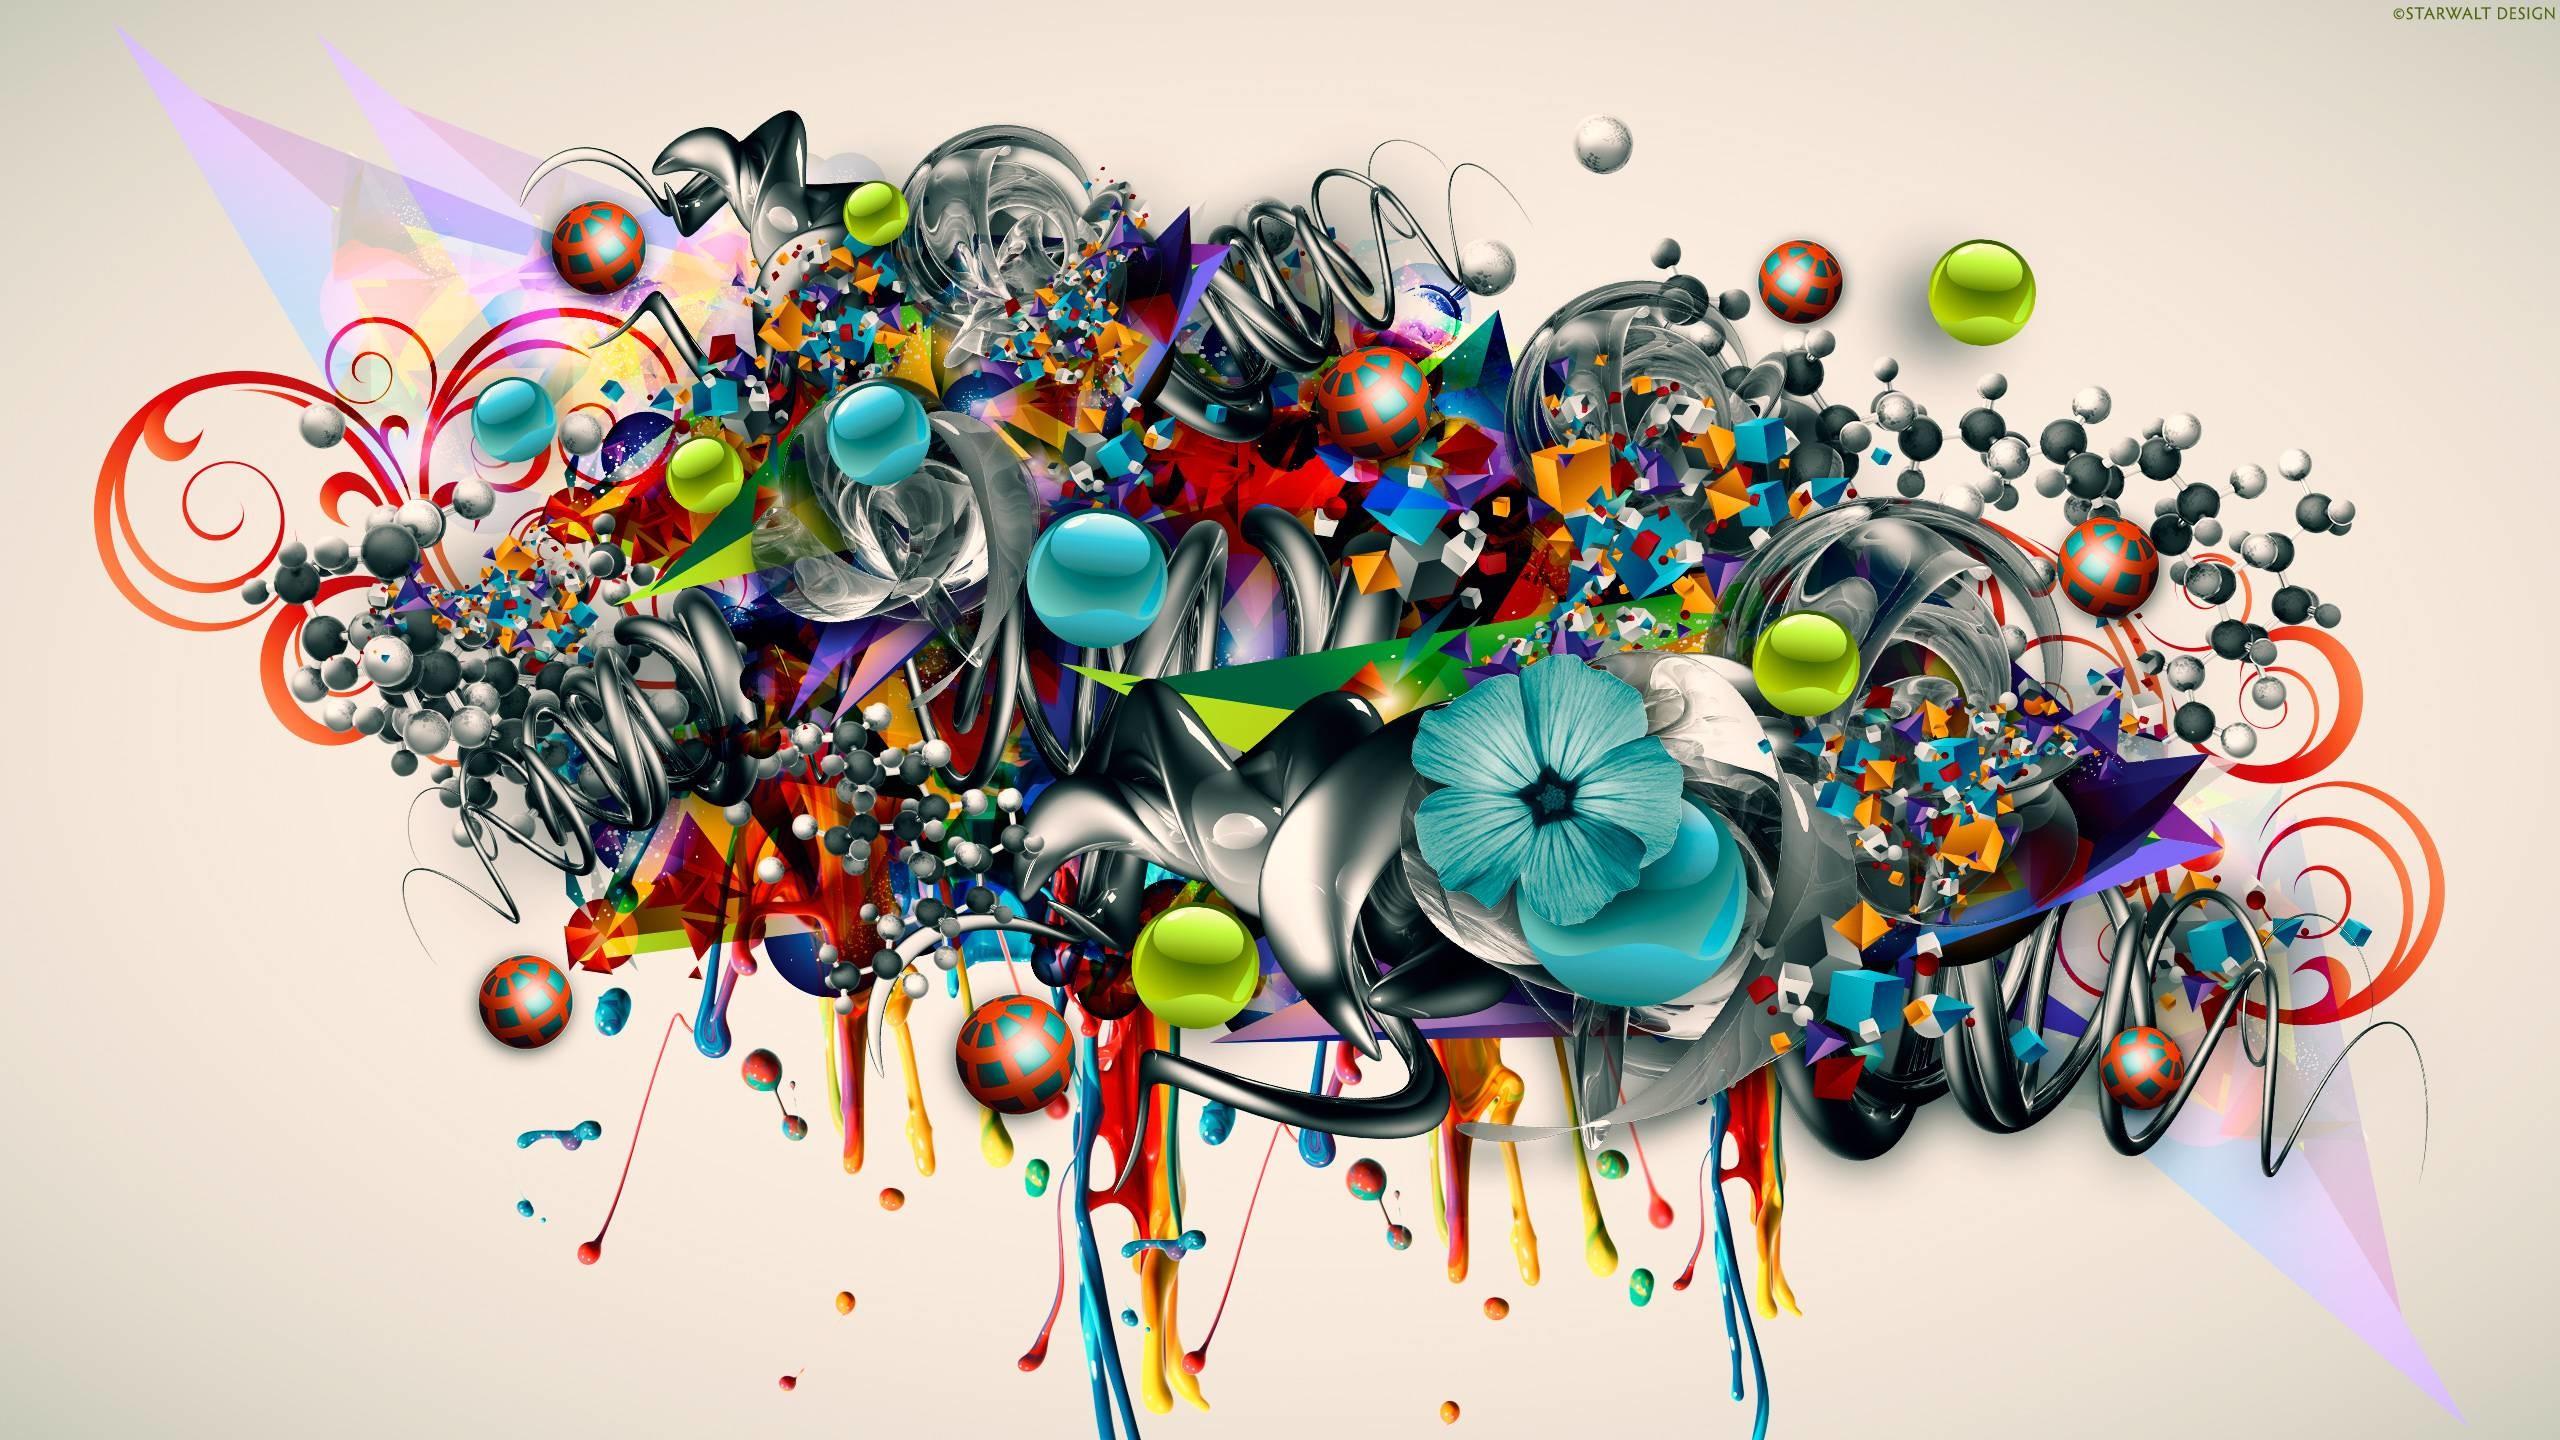 Abstract Graffiti D Wallpaper Awesome Street Art Desktop .